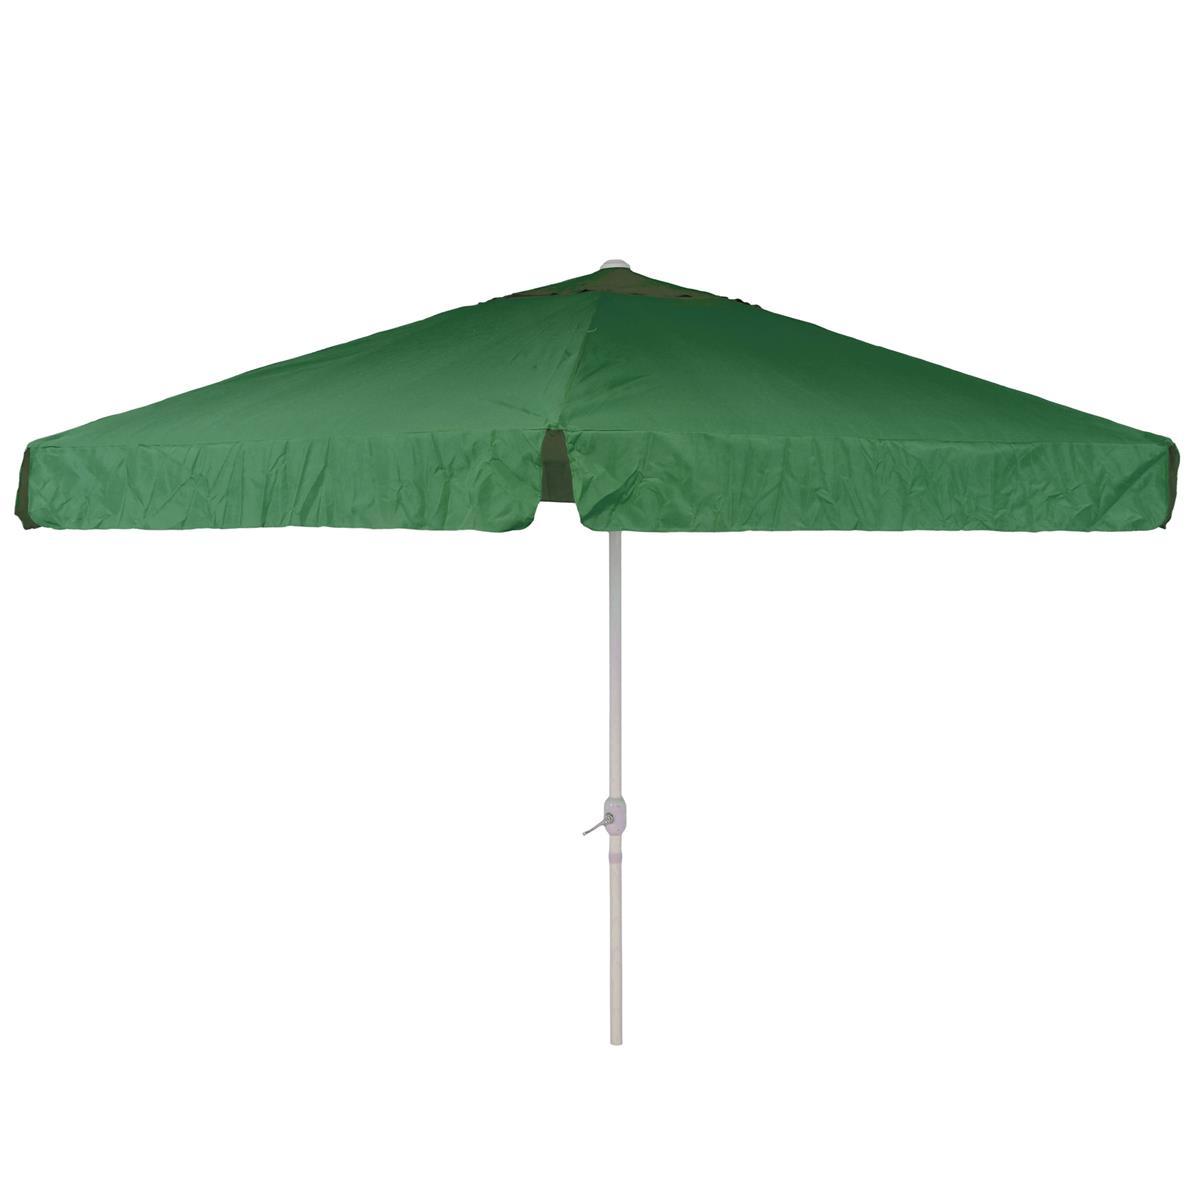 Sonnenschirm Marktschirm Ø 3,80m grün mit Kurbel Alu Gestell Sonnenschutz